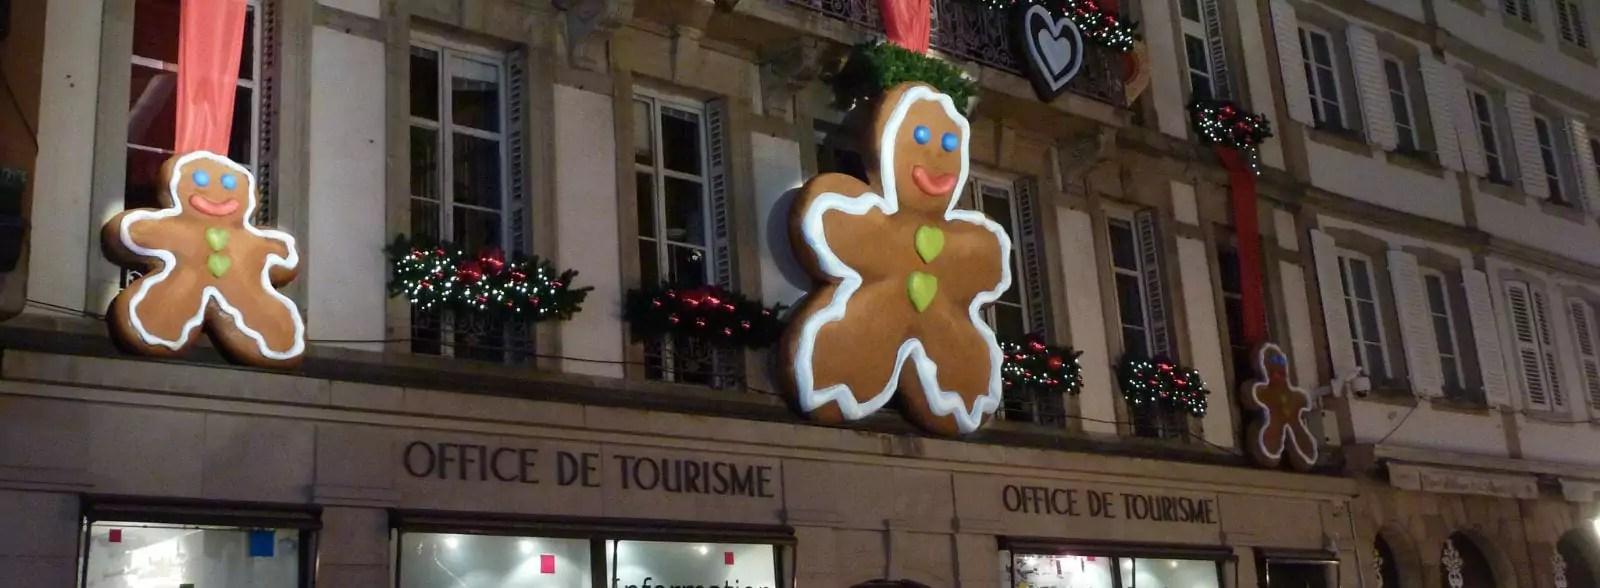 Largesses financières et retard numérique à l'Office de tourisme de Strasbourg